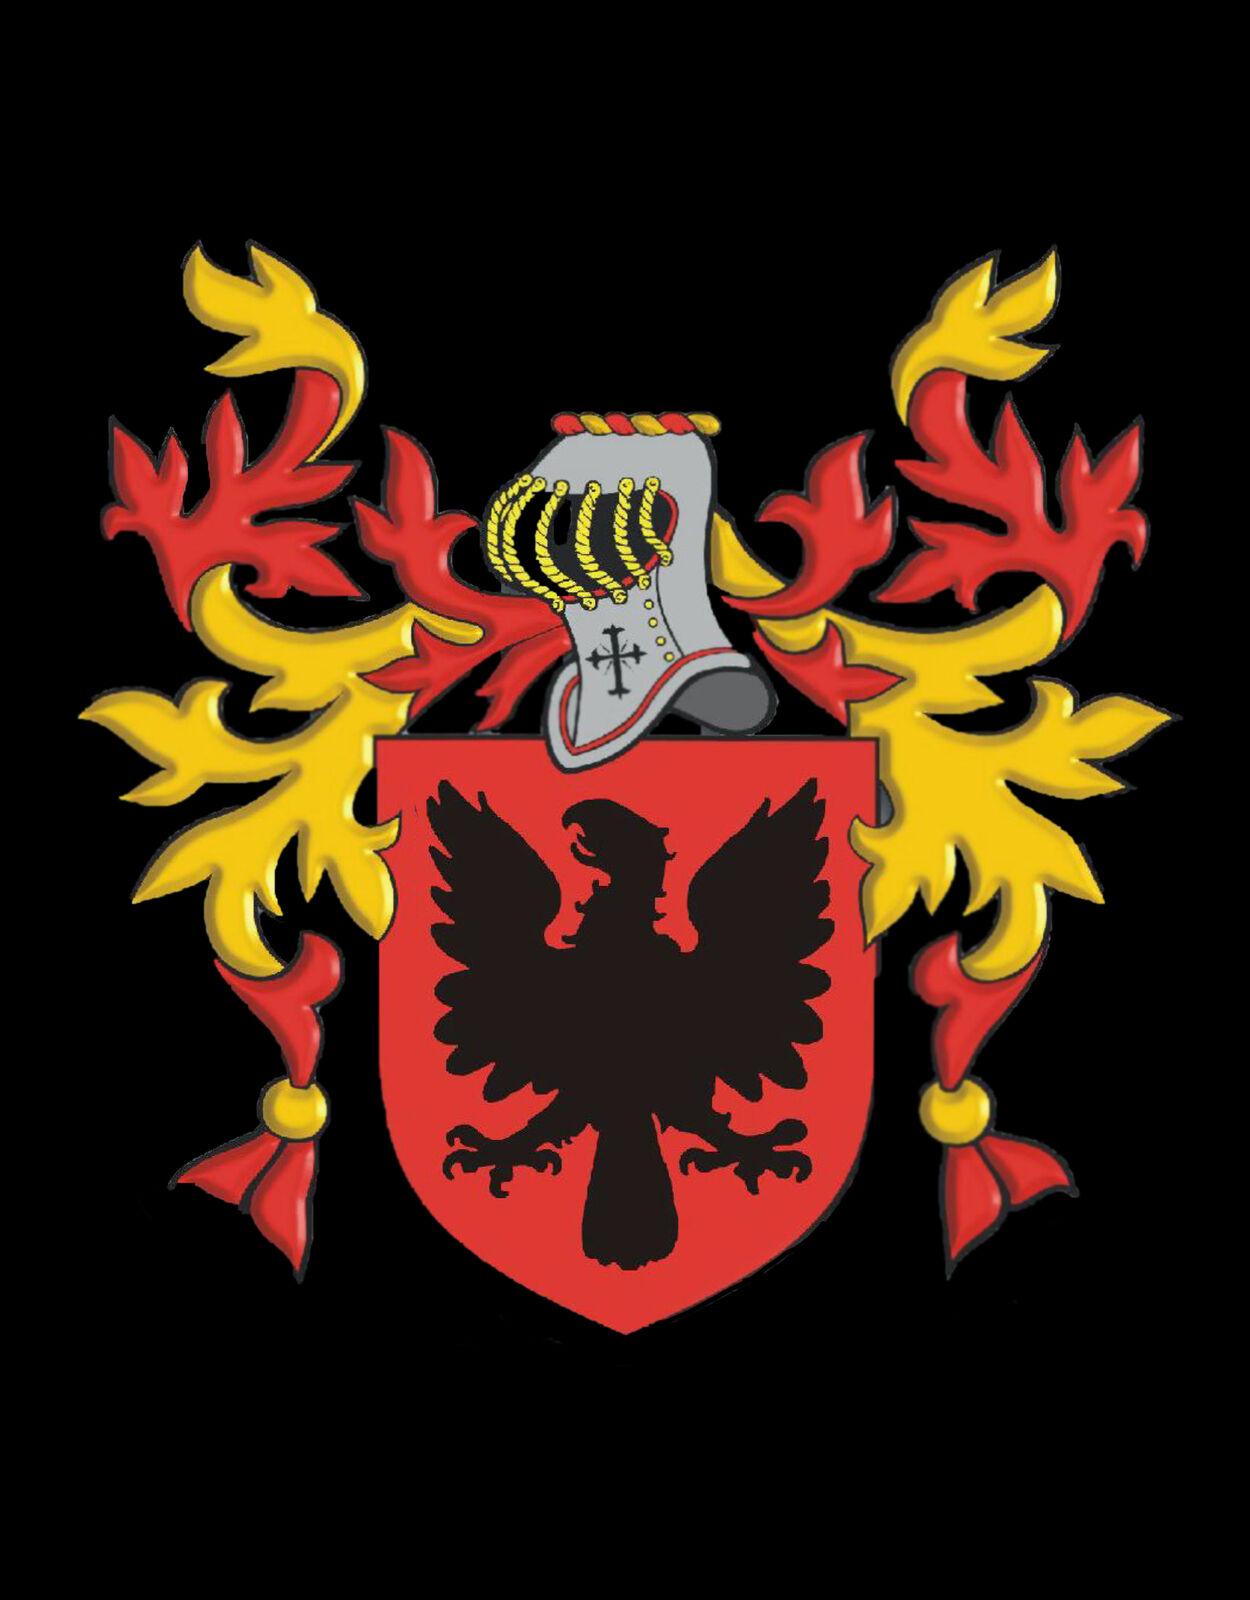 Gwaethvoed Galles STEMMA DI DI DI FAMIGLIA cognome STEMMA Gemelli custodia personalizzata ff6ca2